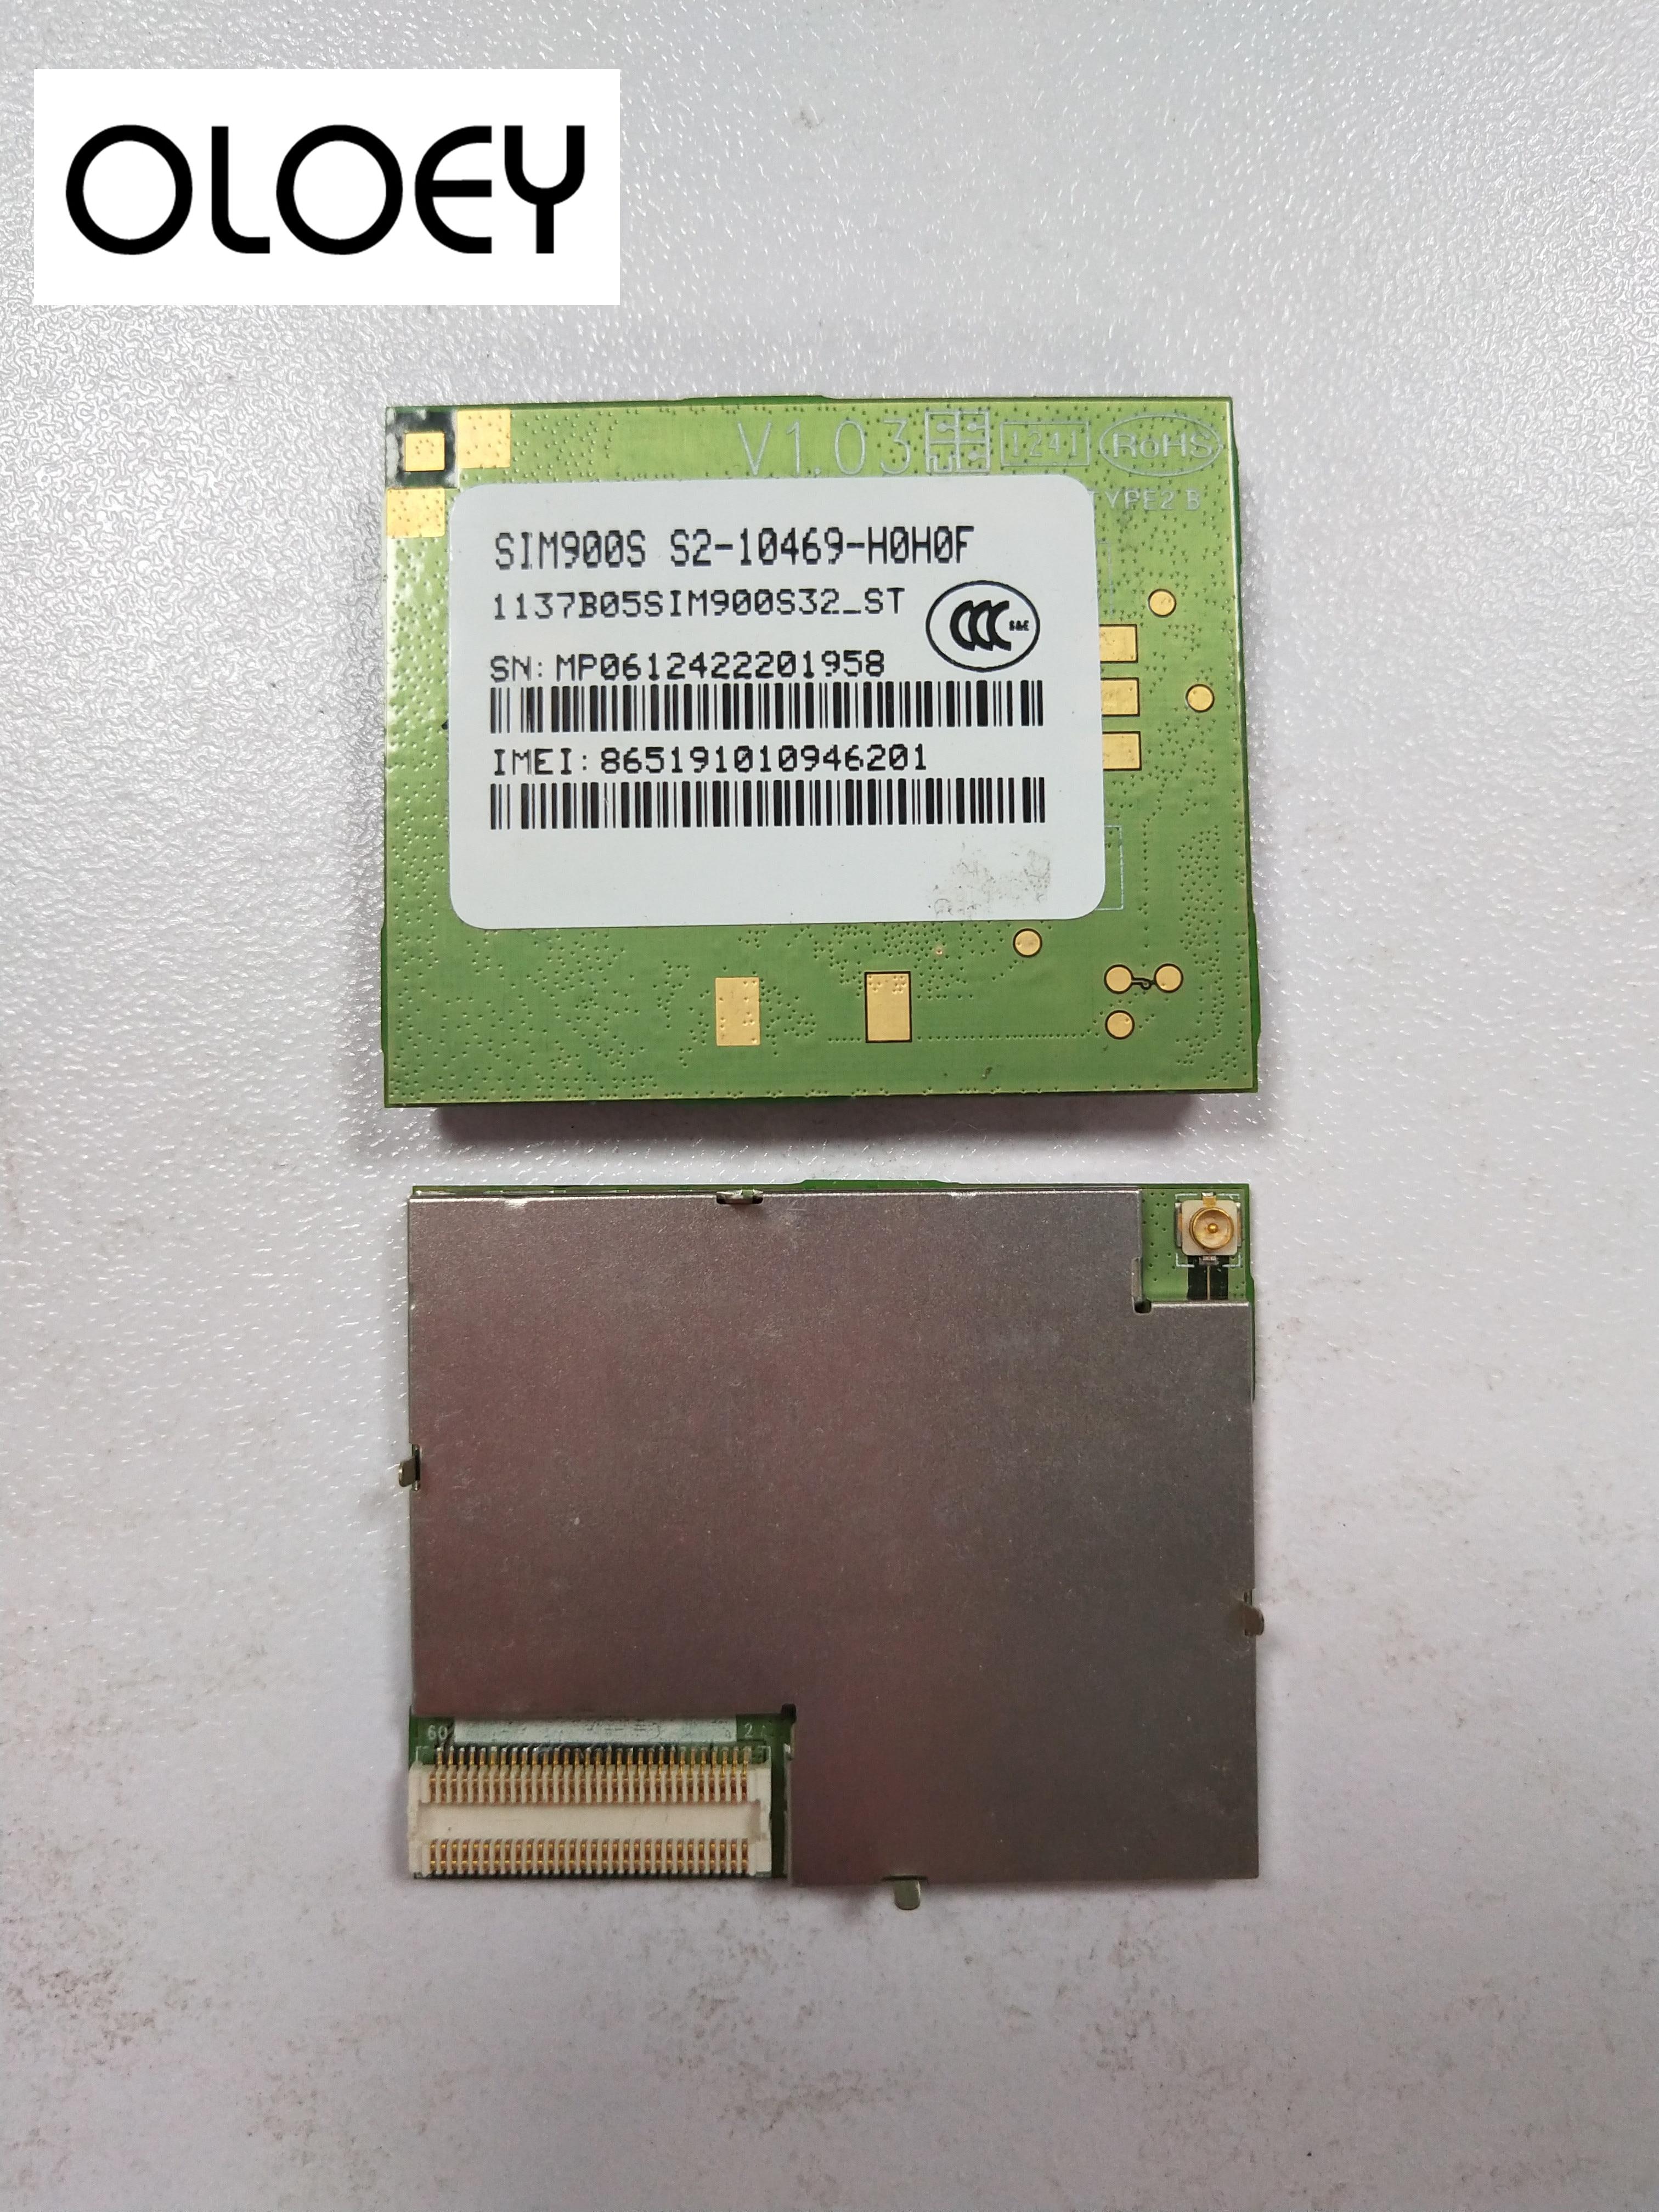 SIMcom SIM900S GPRS Module, S2-10469-HOHOF, 100% Brand New Original